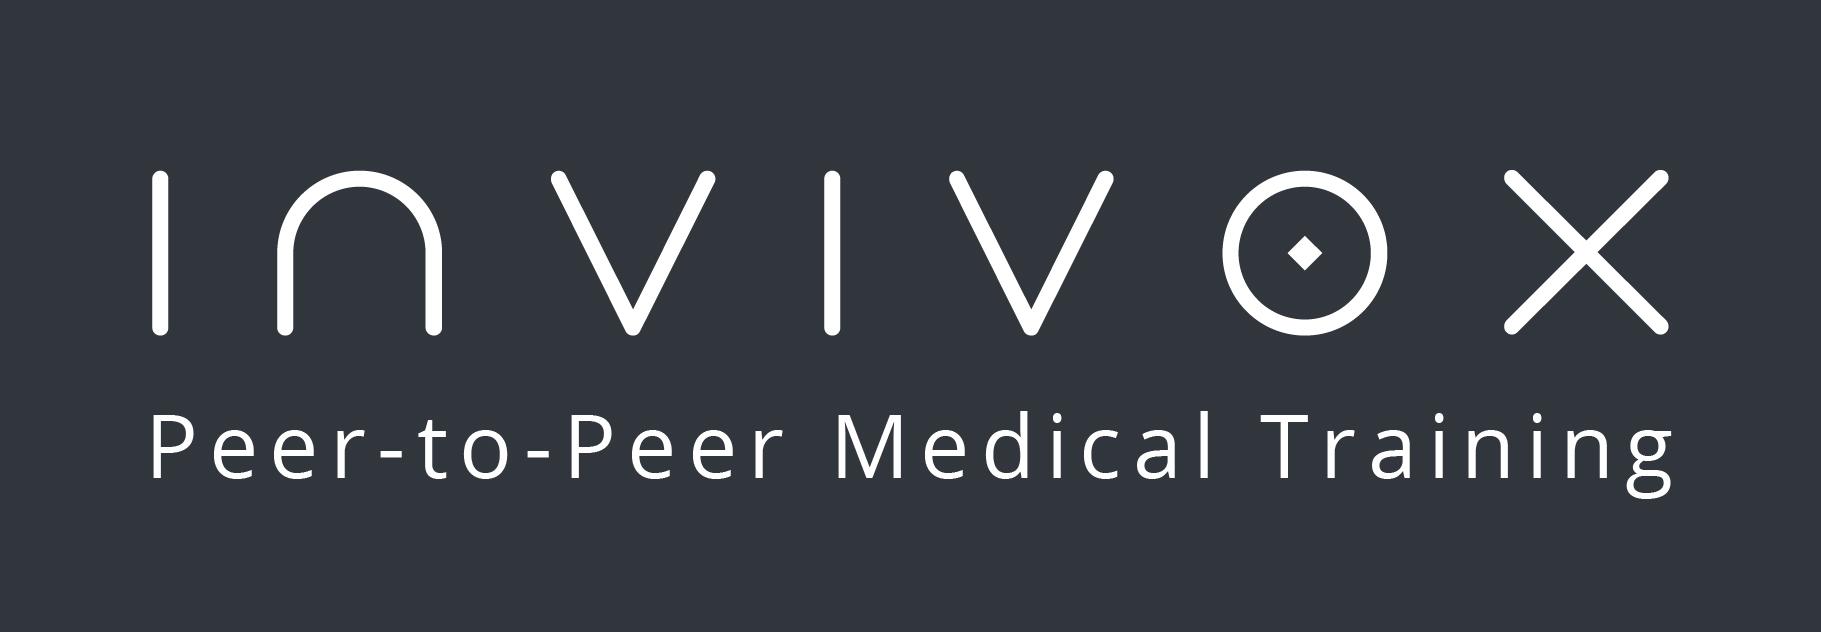 Logo Invivox